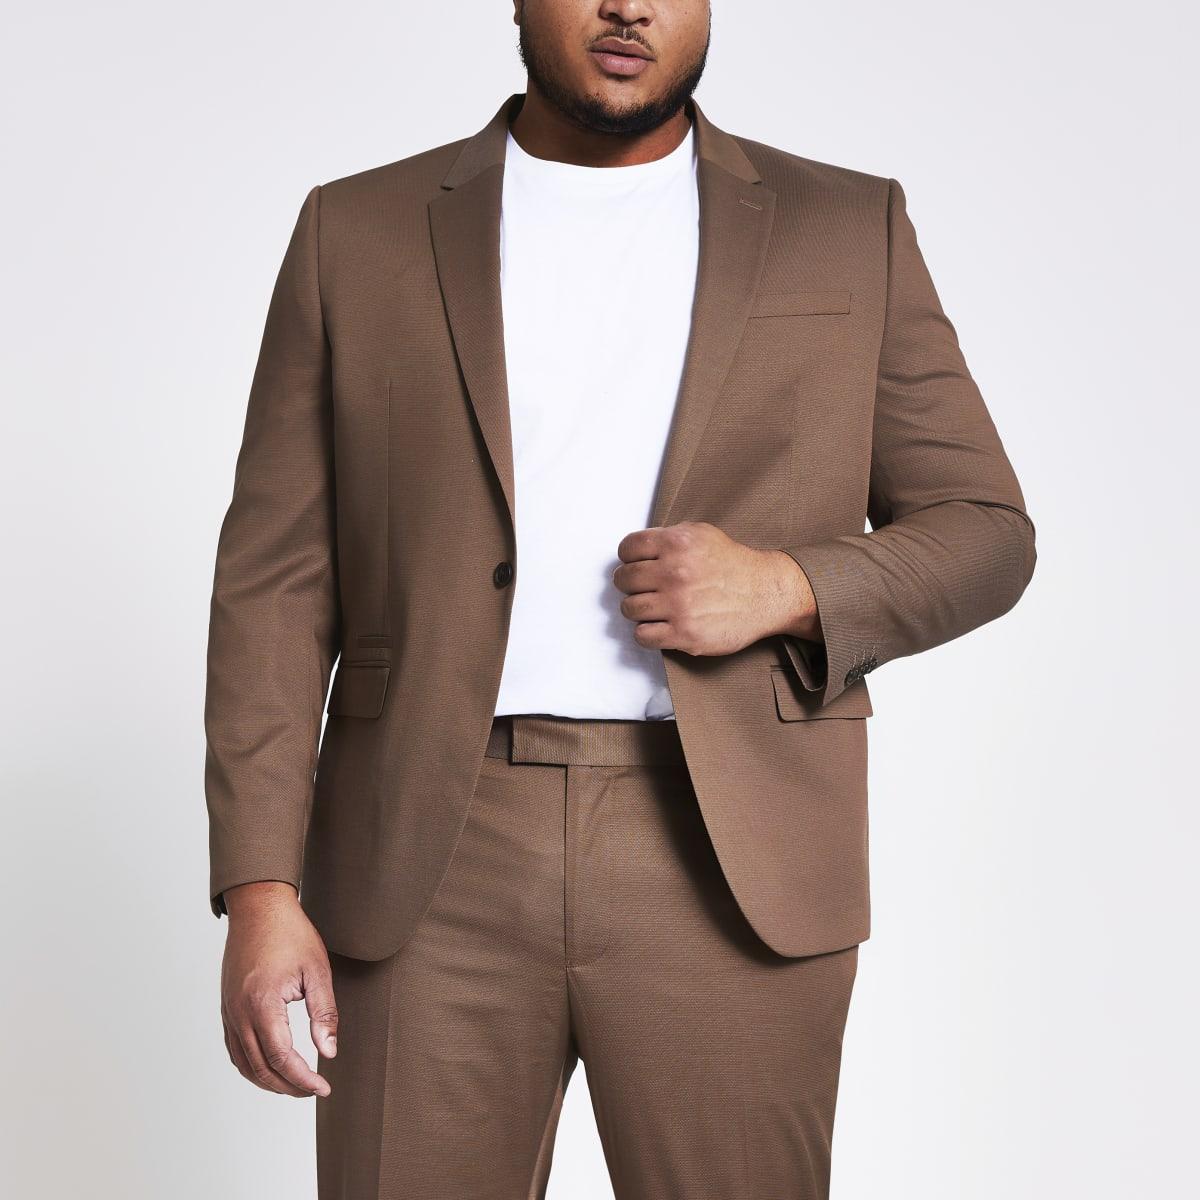 Big and Tall – Braune Skinny Fit Anzugjacke mit Karomuster